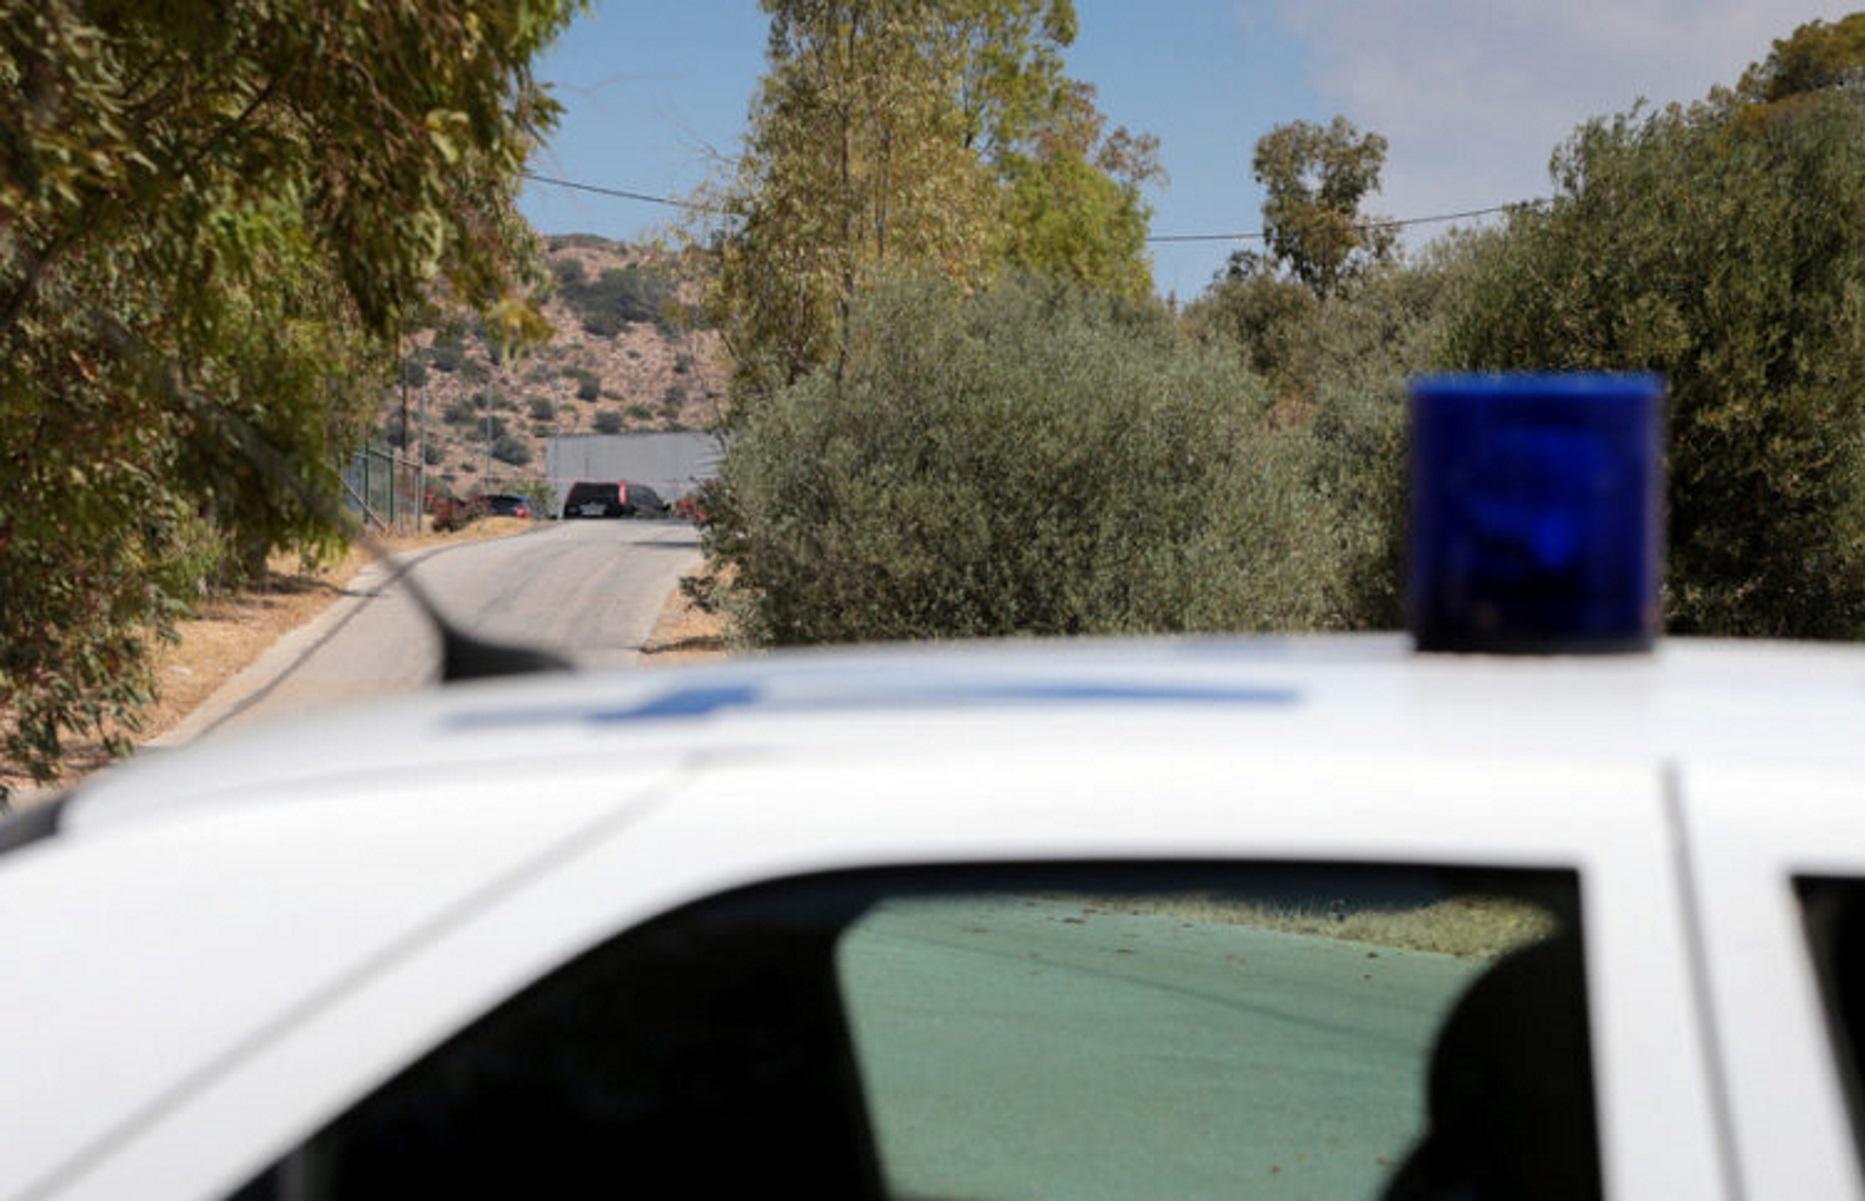 Άντρες της Ελληνικής Αστυνομίας ερευνούν την περιοχή όπου  άγνωστοι εκτέλεσαν το πρωί γνωστό πυγμάχο στην περιοχή της Βάρης, την ώρα που βρισκόταν στην οδό Ανδρέα Παπανδρέου, Βάρη, Δευτέρα 31 Μαΐου 2021. Σύμφωνα με πληροφορίες, το θύμα -που είχε απασχολήσει την ΕΛΑΣ για υποθέσεις της νύχτας- δέχθηκε πυροβολισμούς που προκάλεσαν τον θάνατό του από δράστες που επέβαιναν σε αυτοκίνητο. Η Αστυνομία έχει εξαπολύσει ανθρωποκυνηγητό για τον εντοπισμό και τη σύλληψη των εκτελεστών του πυγμάχου.  Σημειώνεται ότι ο 39χρονος είχε λάβει μέρος -και αναδείχθηκε νικητής- πριν από λίγα χρόνια σε γνωστό ριάλιτι επιβίωσης. ΑΠΕ-ΜΠΕ/ΑΠΕ-ΜΠΕ/ΠΑΝΤΕΛΗΣ ΣΑΪΤΑΣ